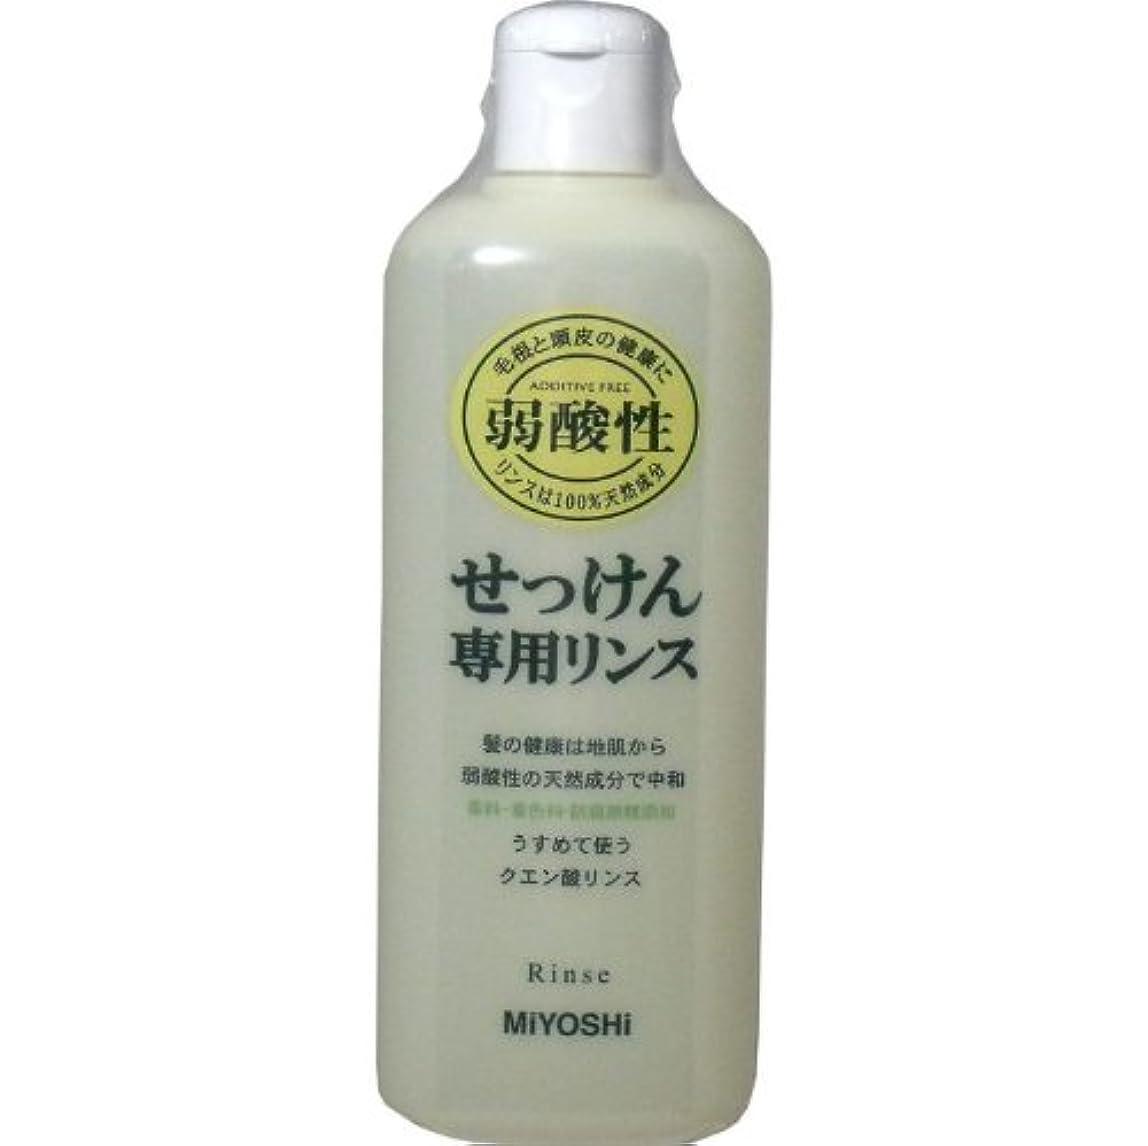 紀元前圧倒する実際の髪の健康は地肌から、弱酸性の天然成分で中和!!香料、防腐剤、着色料無添加!うすめて使うクエン酸リンス!リンス 350mL【5個セット】